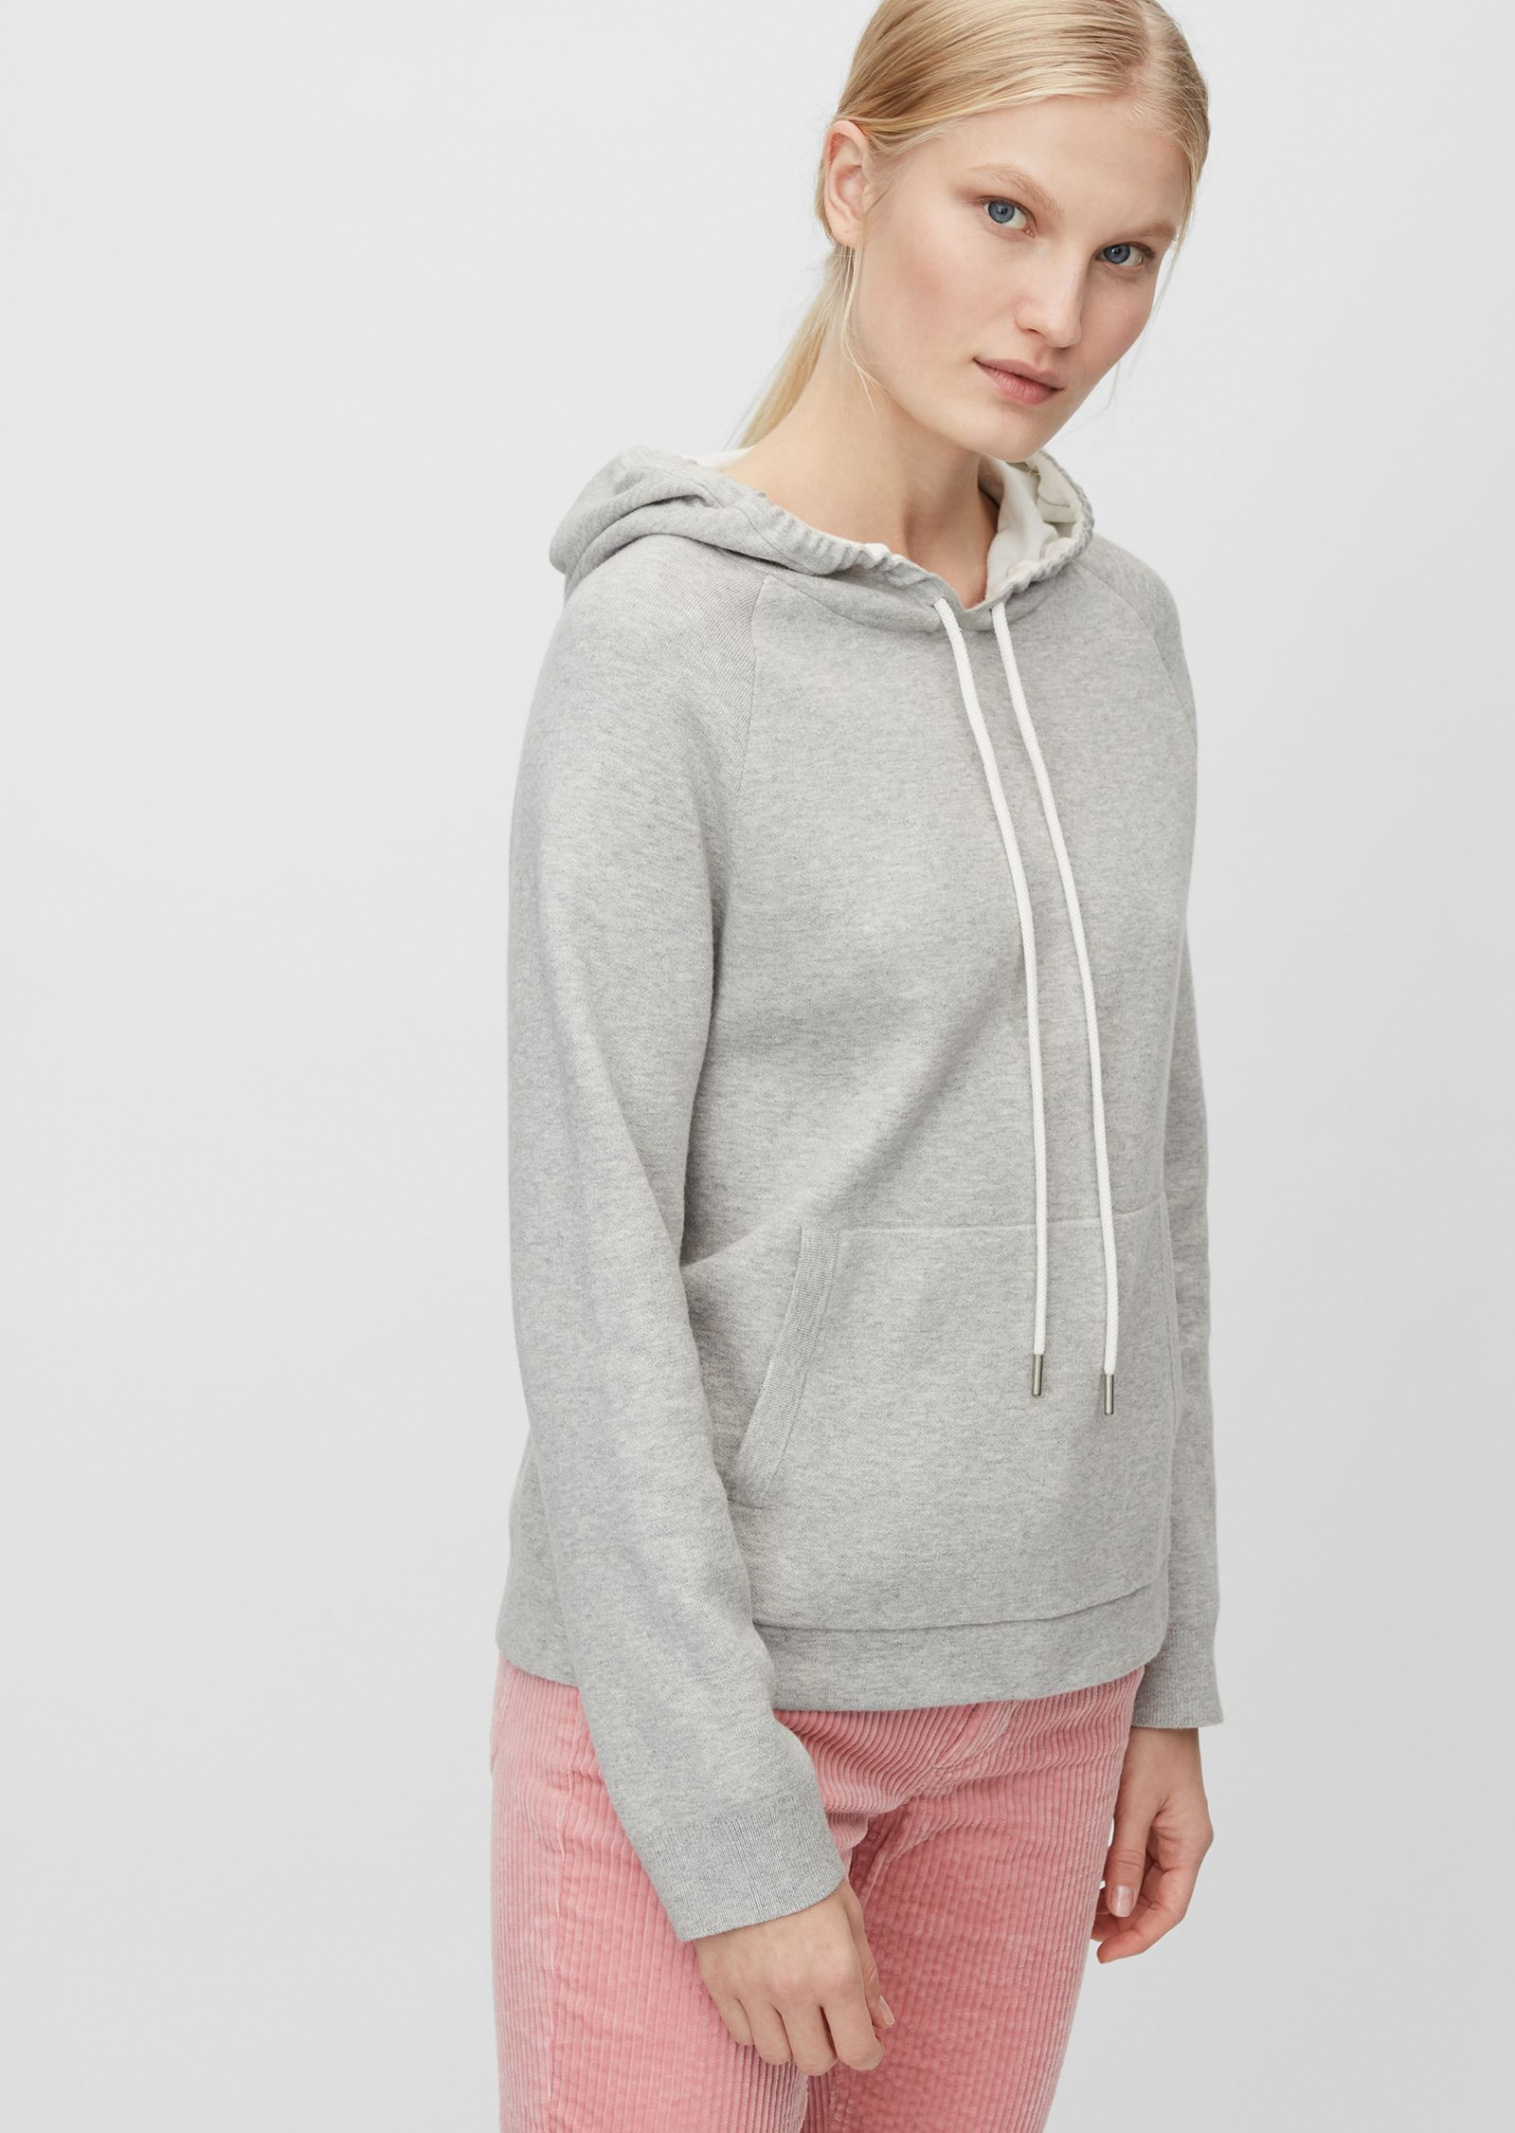 Кофты и свитера женские MARC O'POLO модель PF3951 качество, 2017